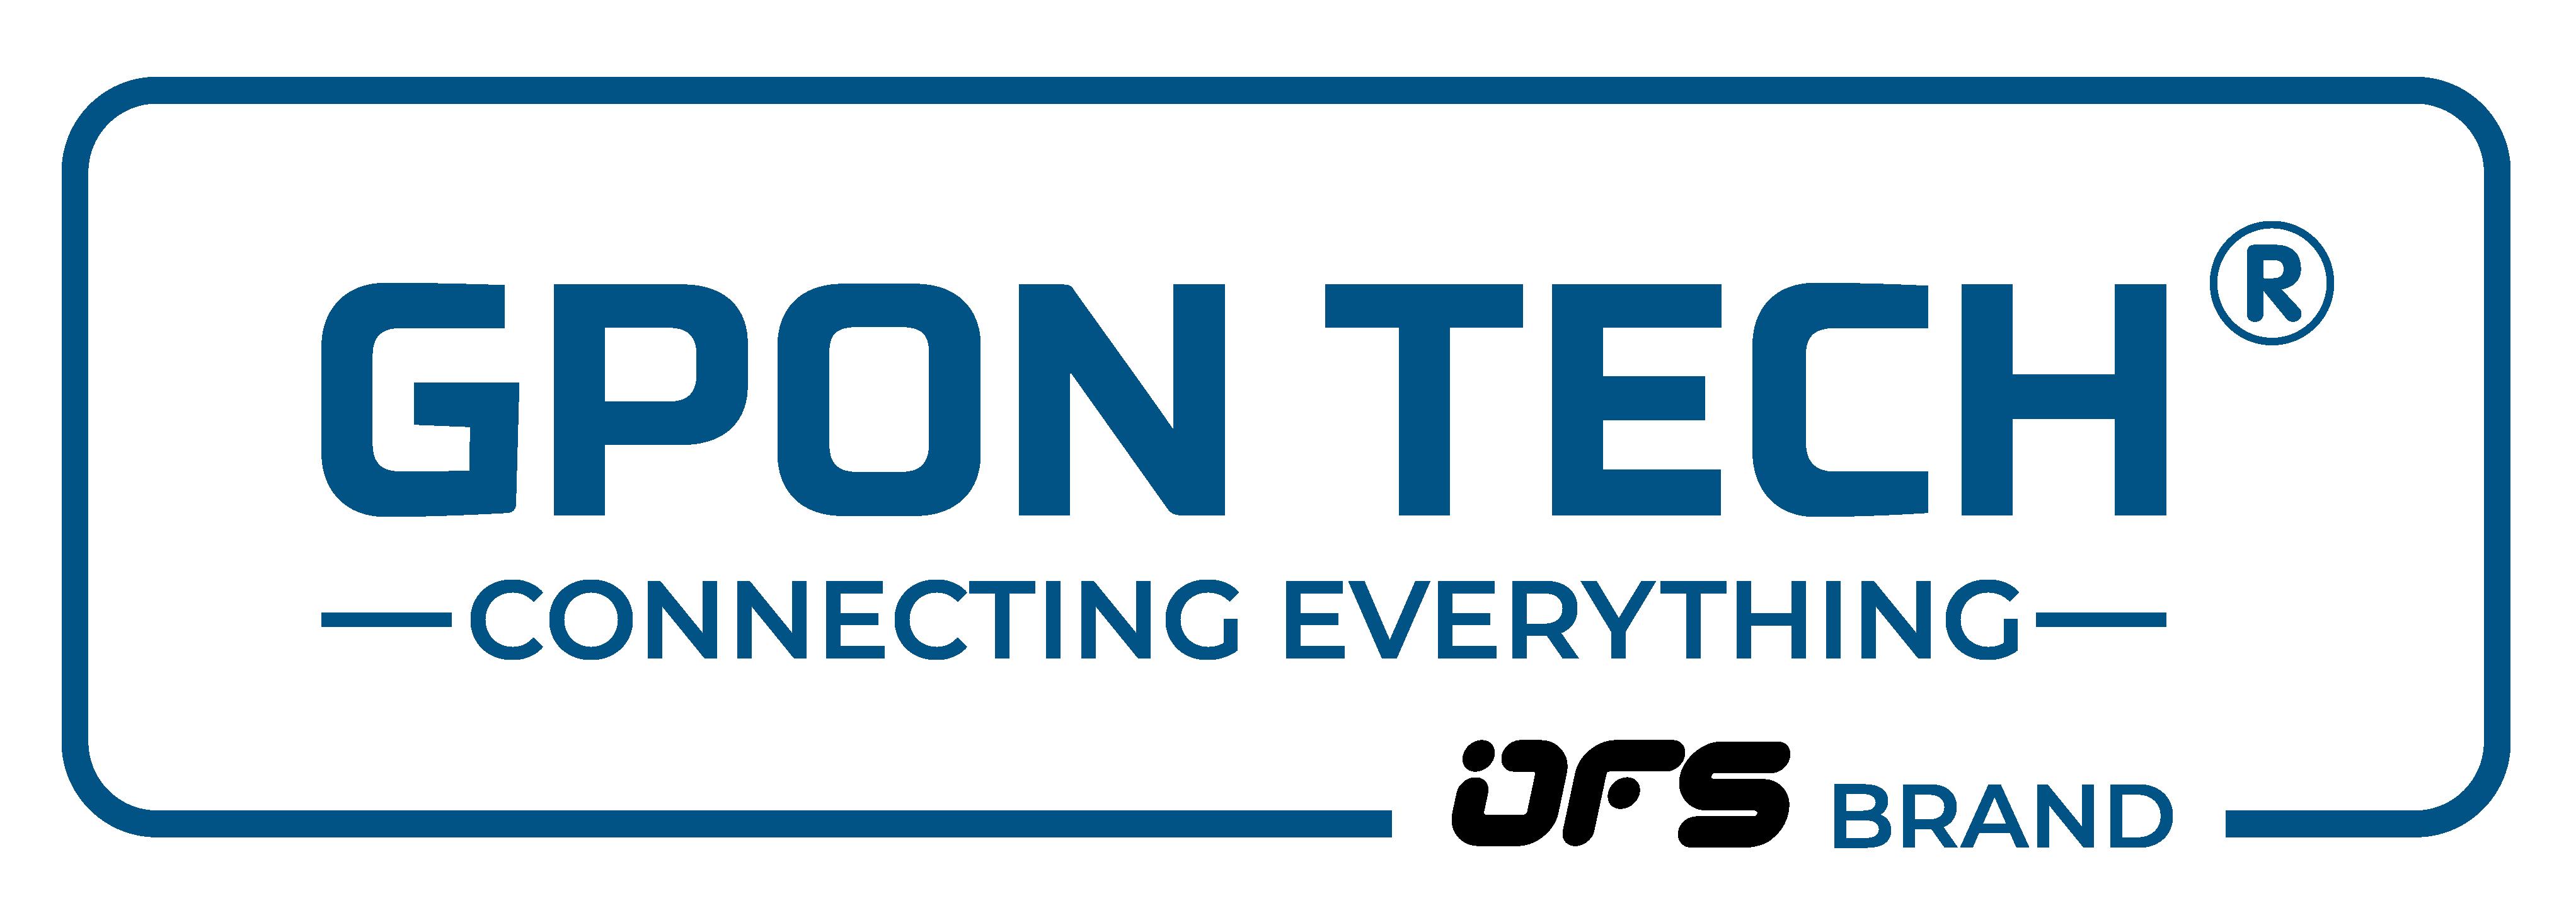 Gpontech.it – Realizzazioni infrastrutture GPOL multiservizio